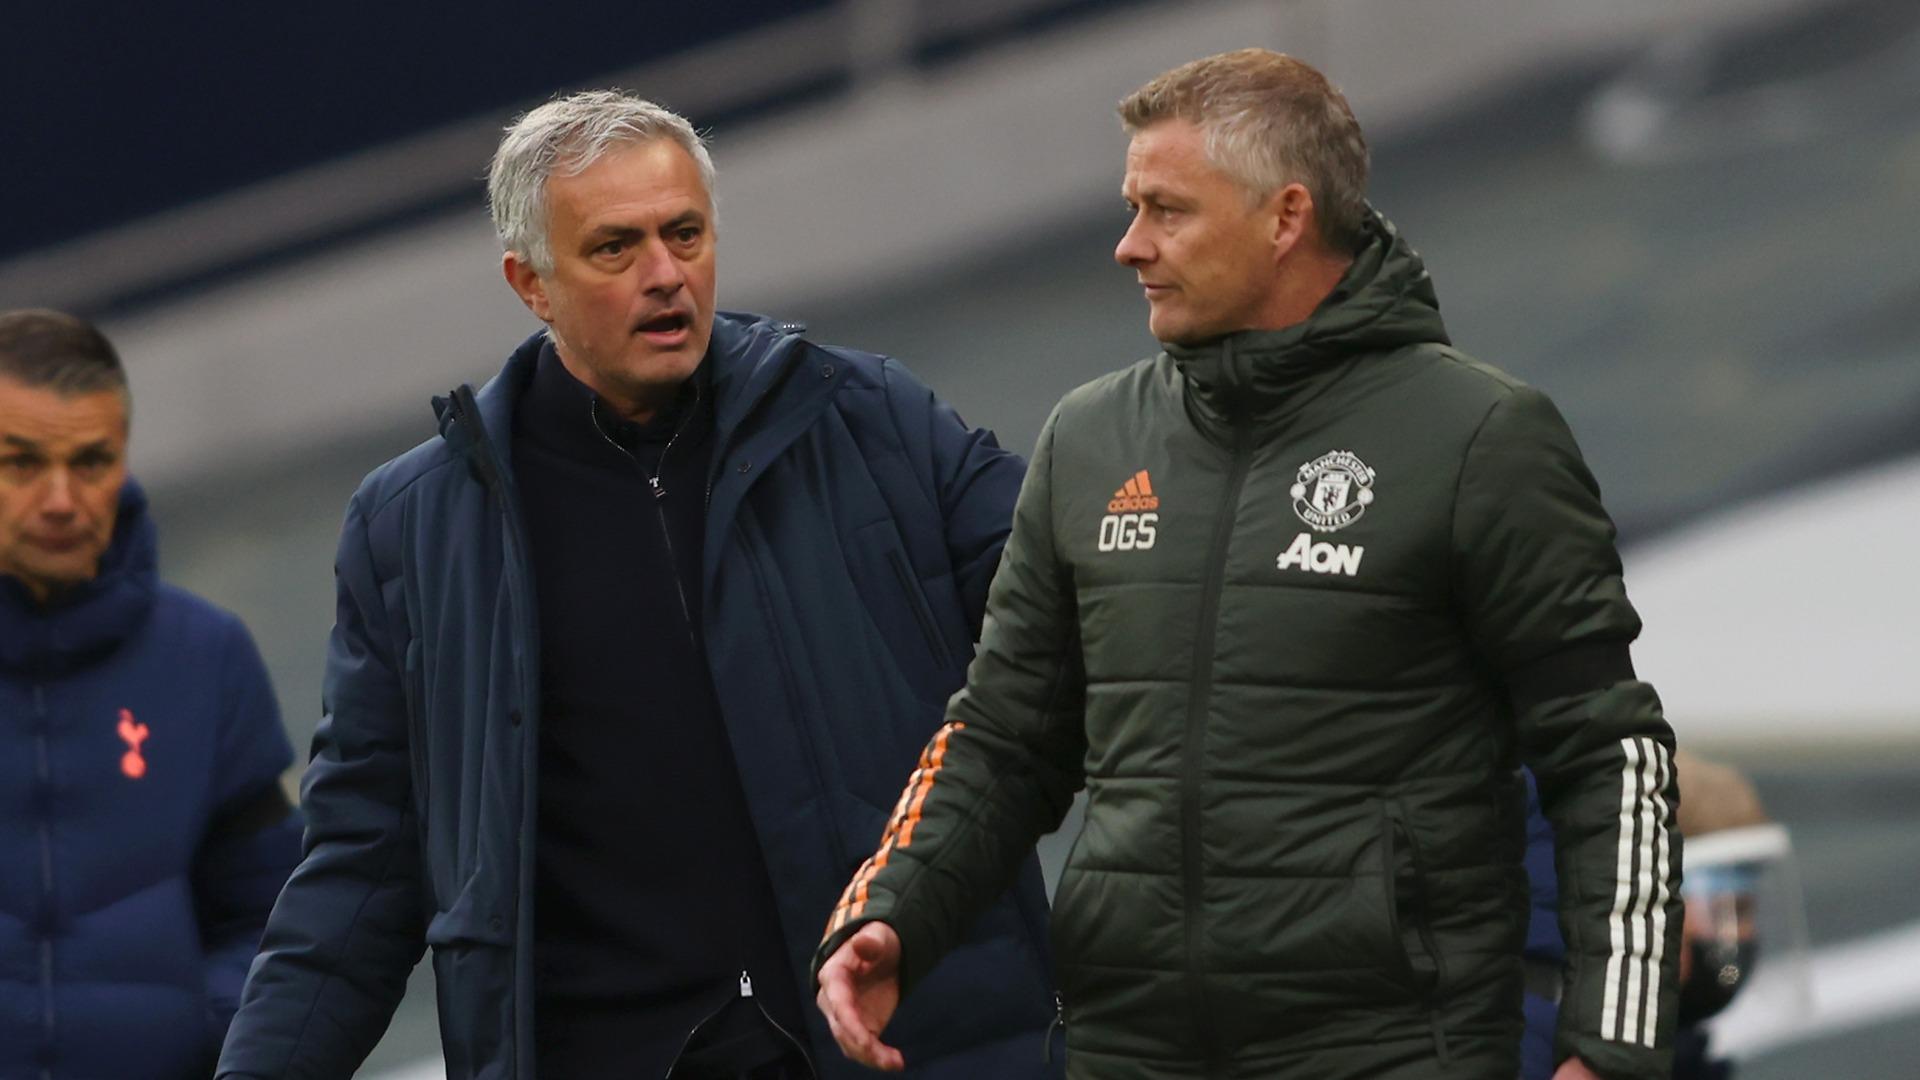 Solskjaer's son chimes in on Mourinho spat: I always get fed